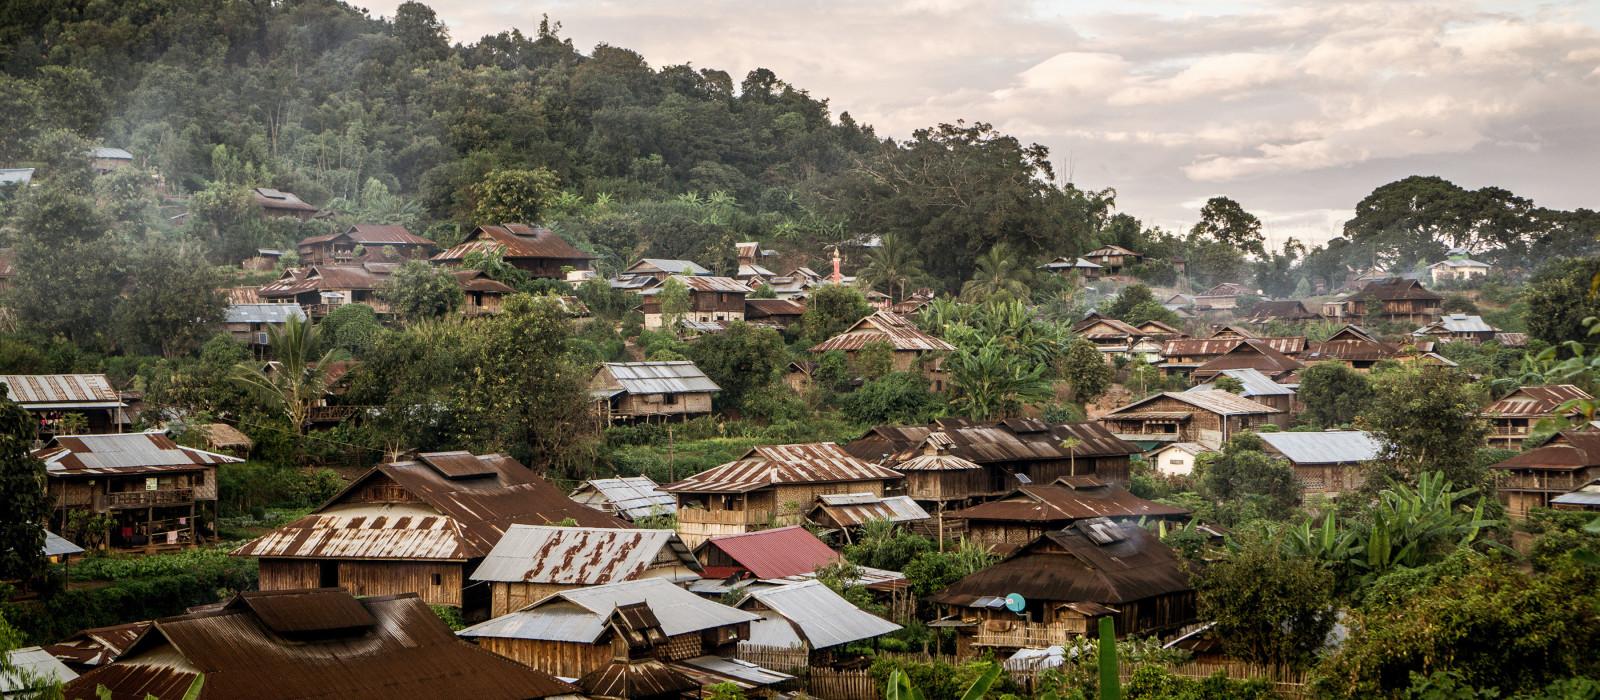 Hsipaw 3-tägige Wanderung zu den Shan Dörfern - Pan Kam Dorf, Asien